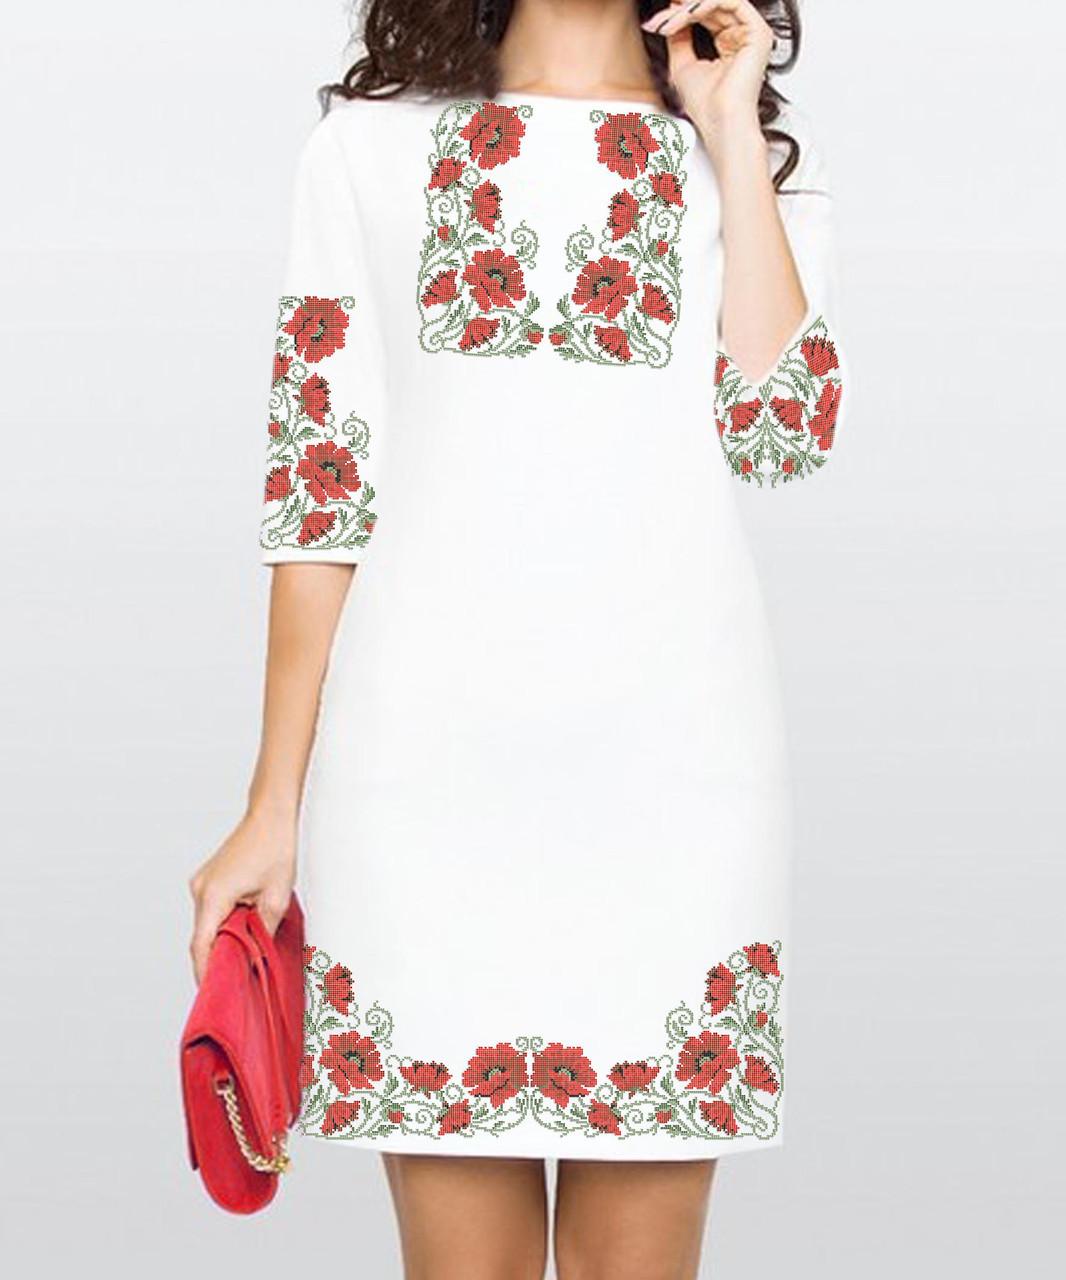 Заготовка женского платья для вышивки / вышивания бисером / ниткой «Маки в орнаменті 27»